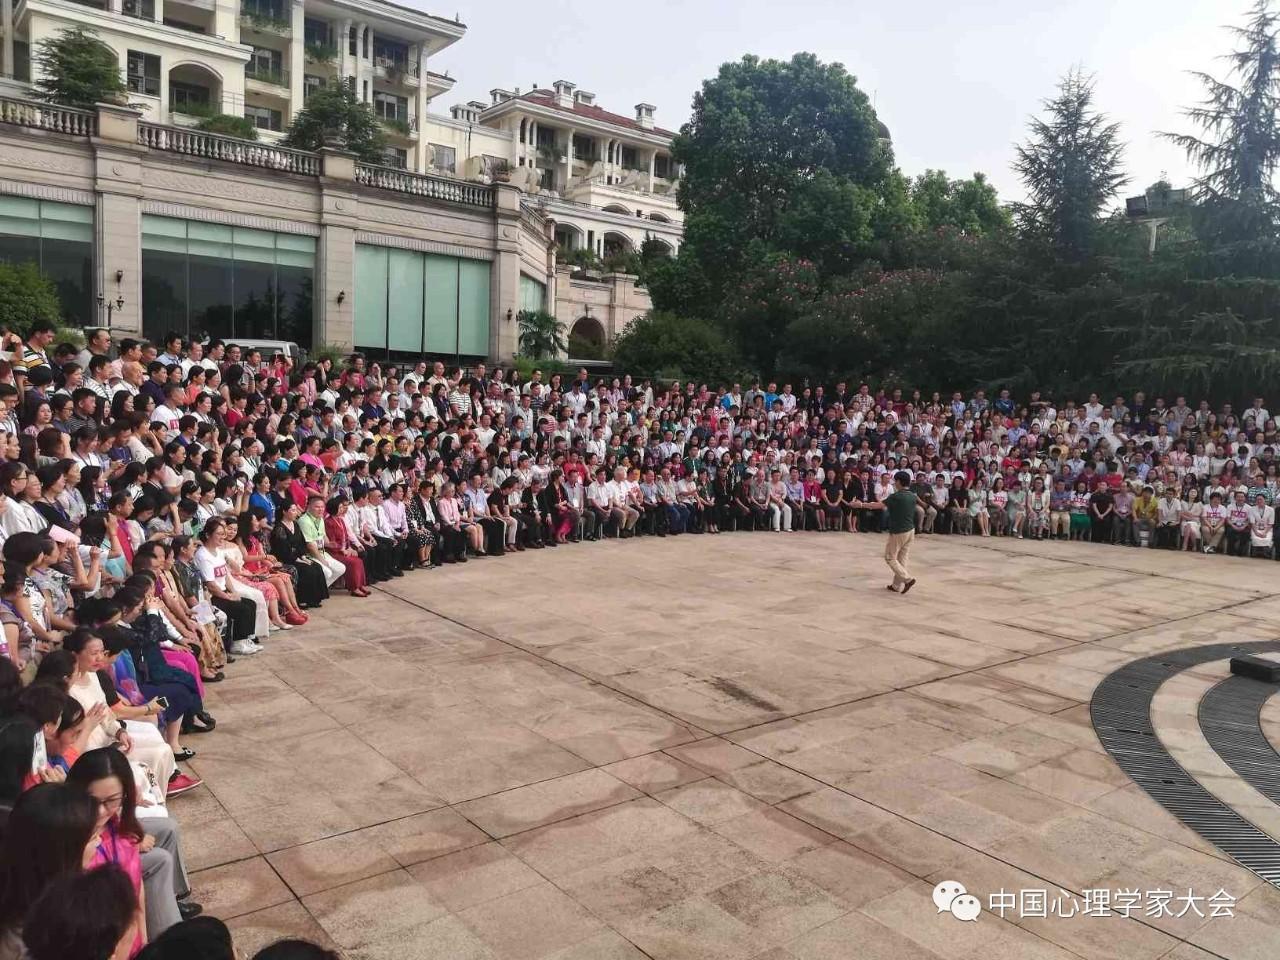 第12届中国心理学家大会工作坊全面开启,干货已为您备好!